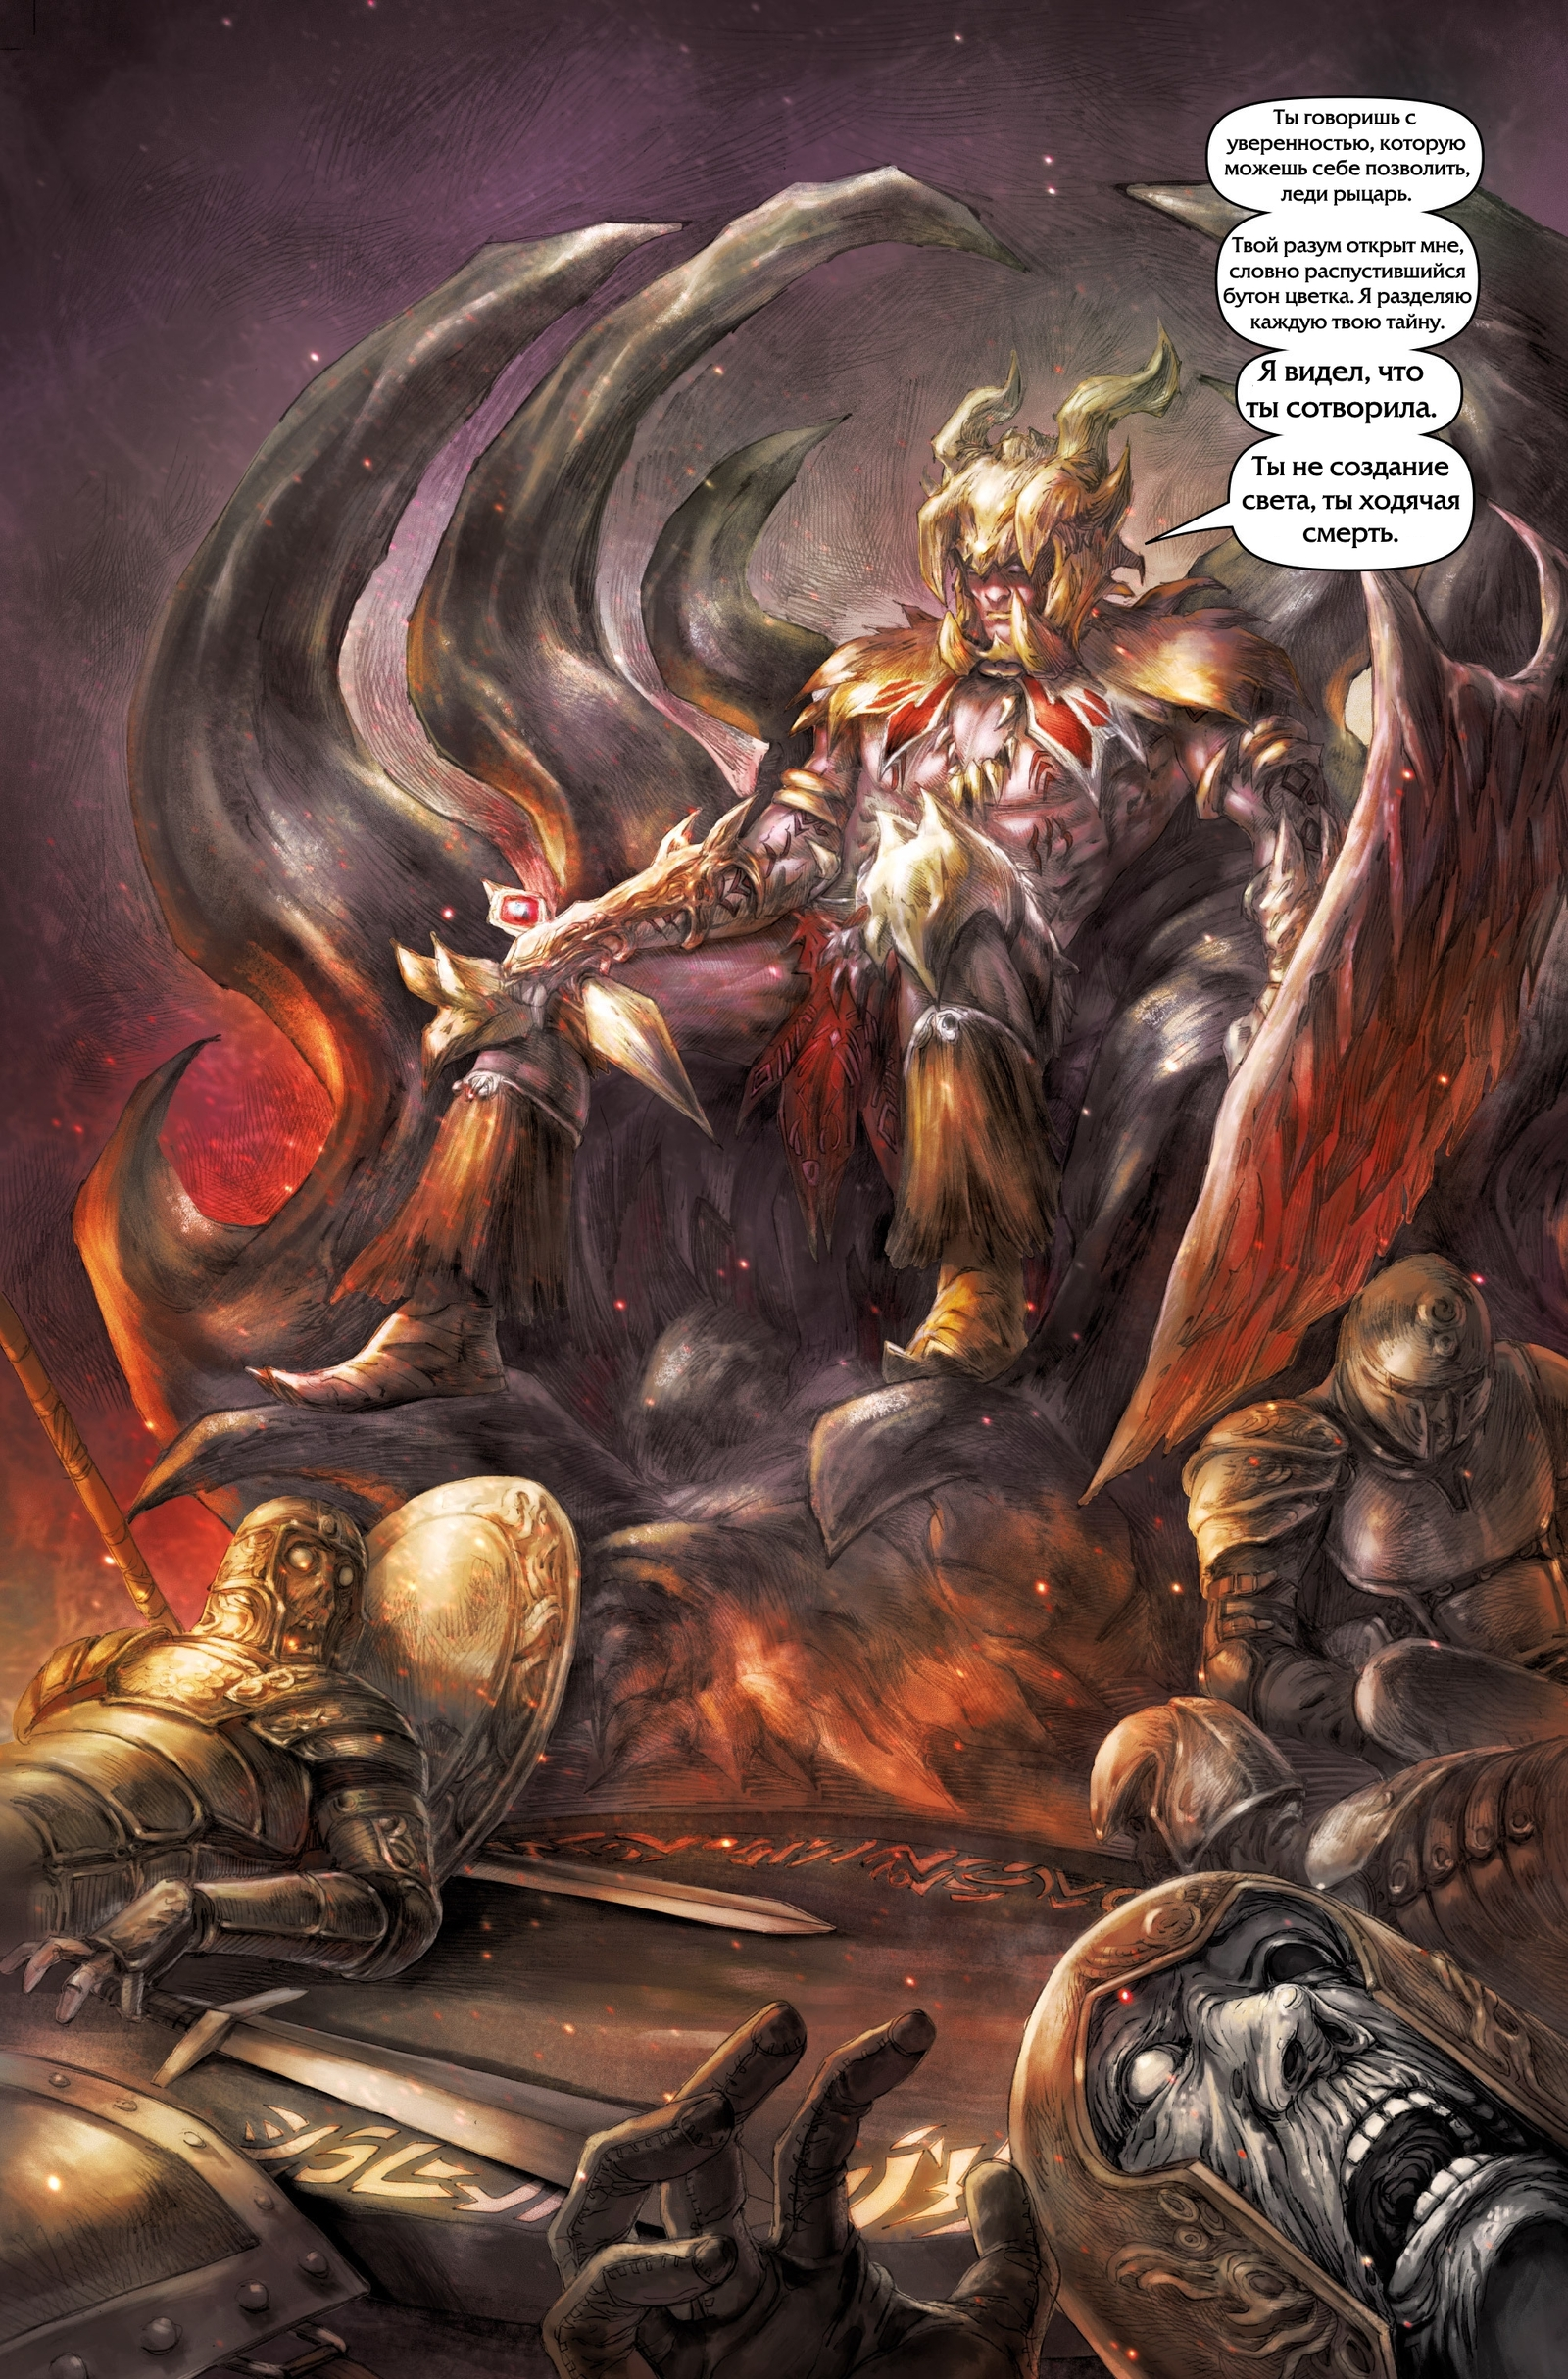 Немного комиксов по Dark Souls.(часть 1) - Изображение 16